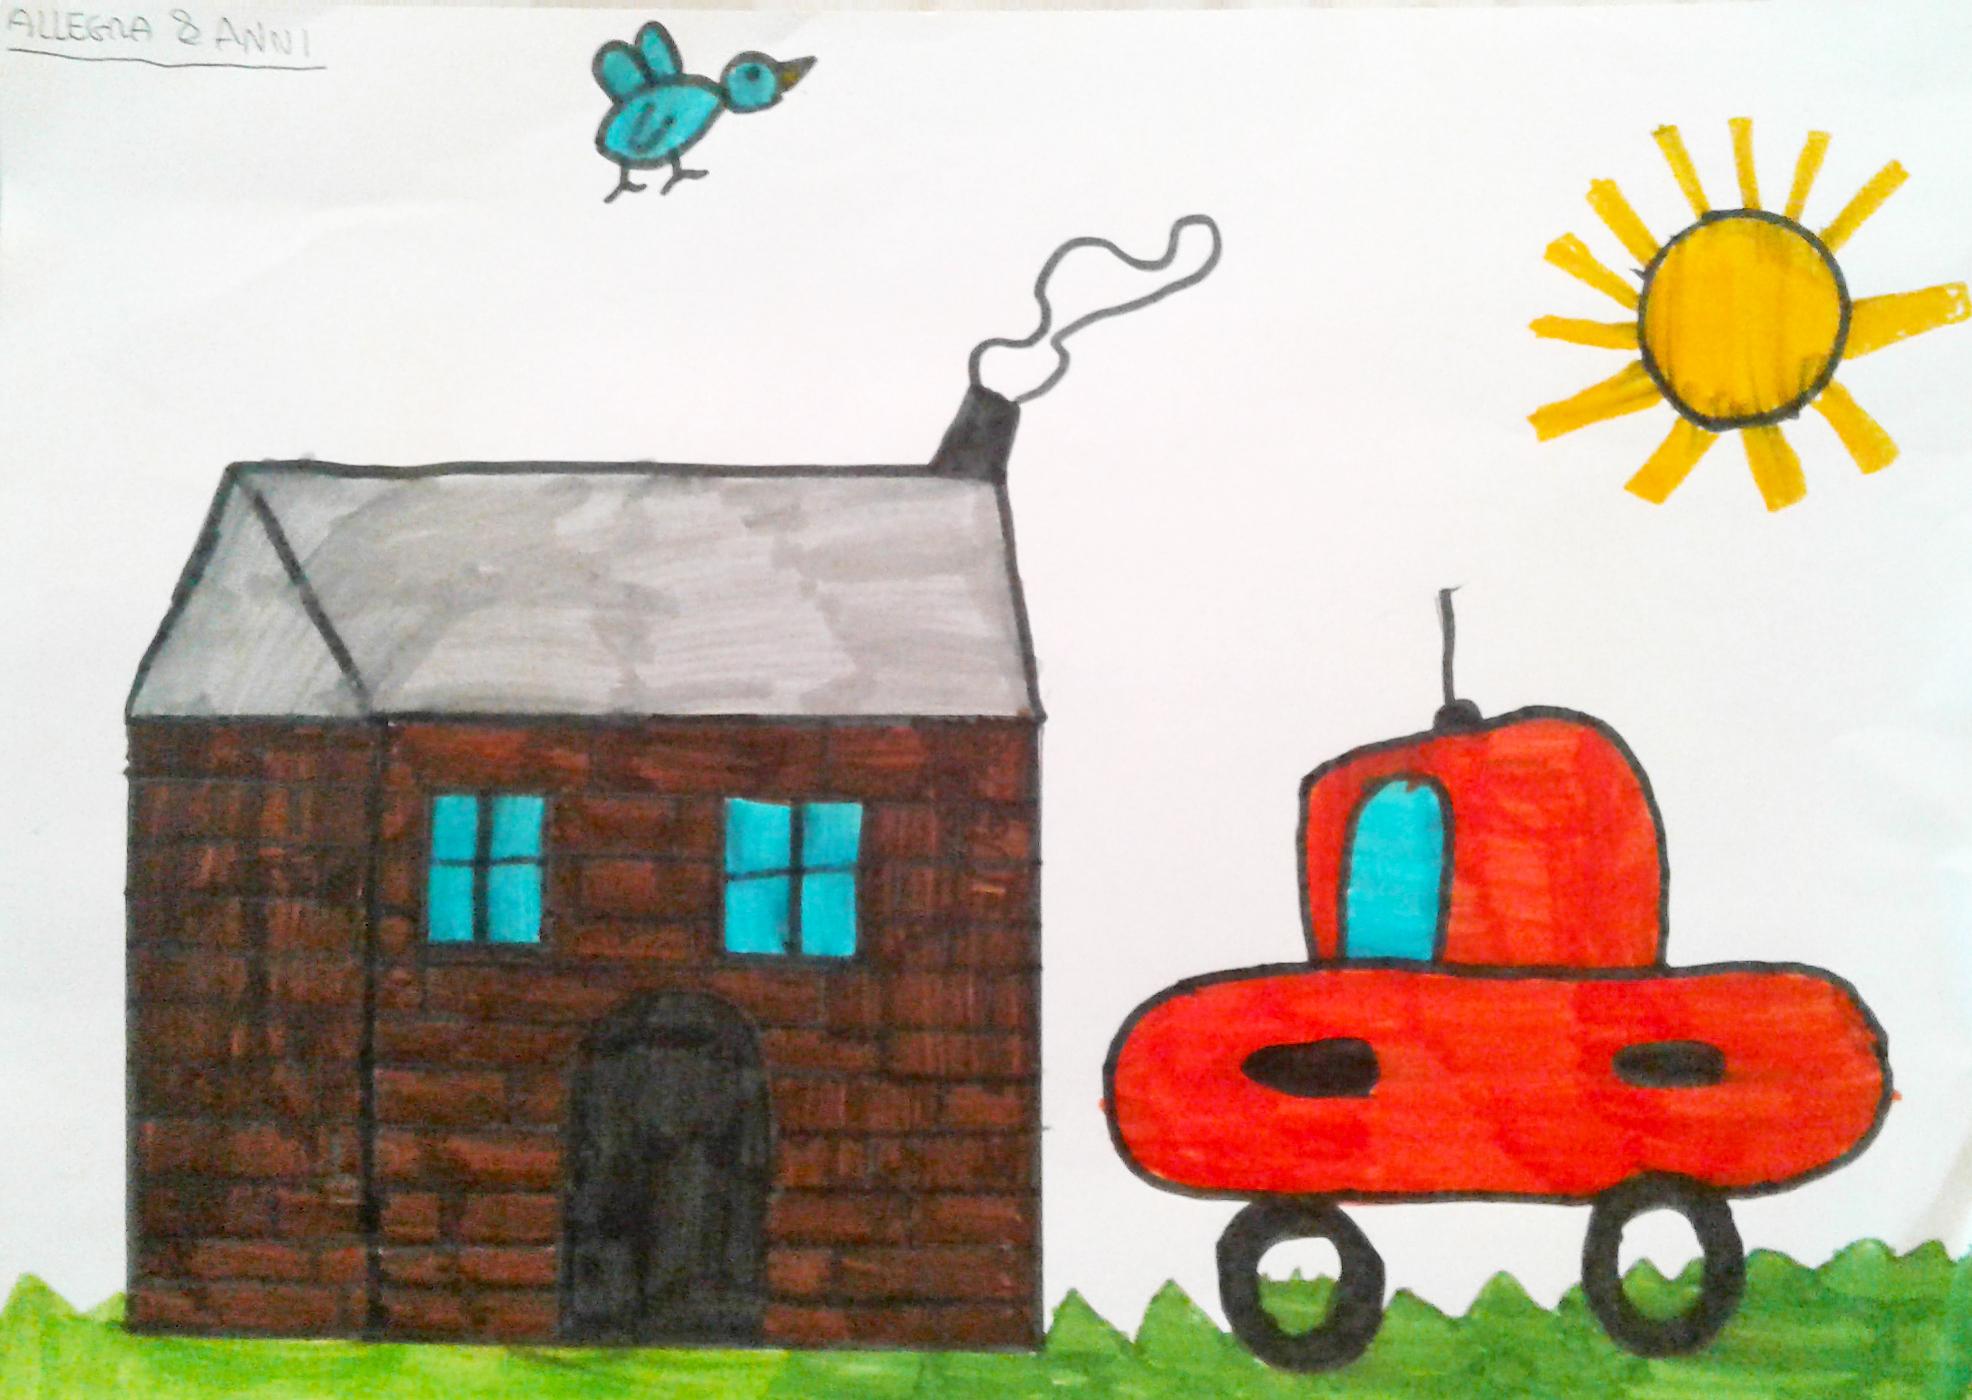 Questo disegno lo ha fatto Allegra (8 anni)